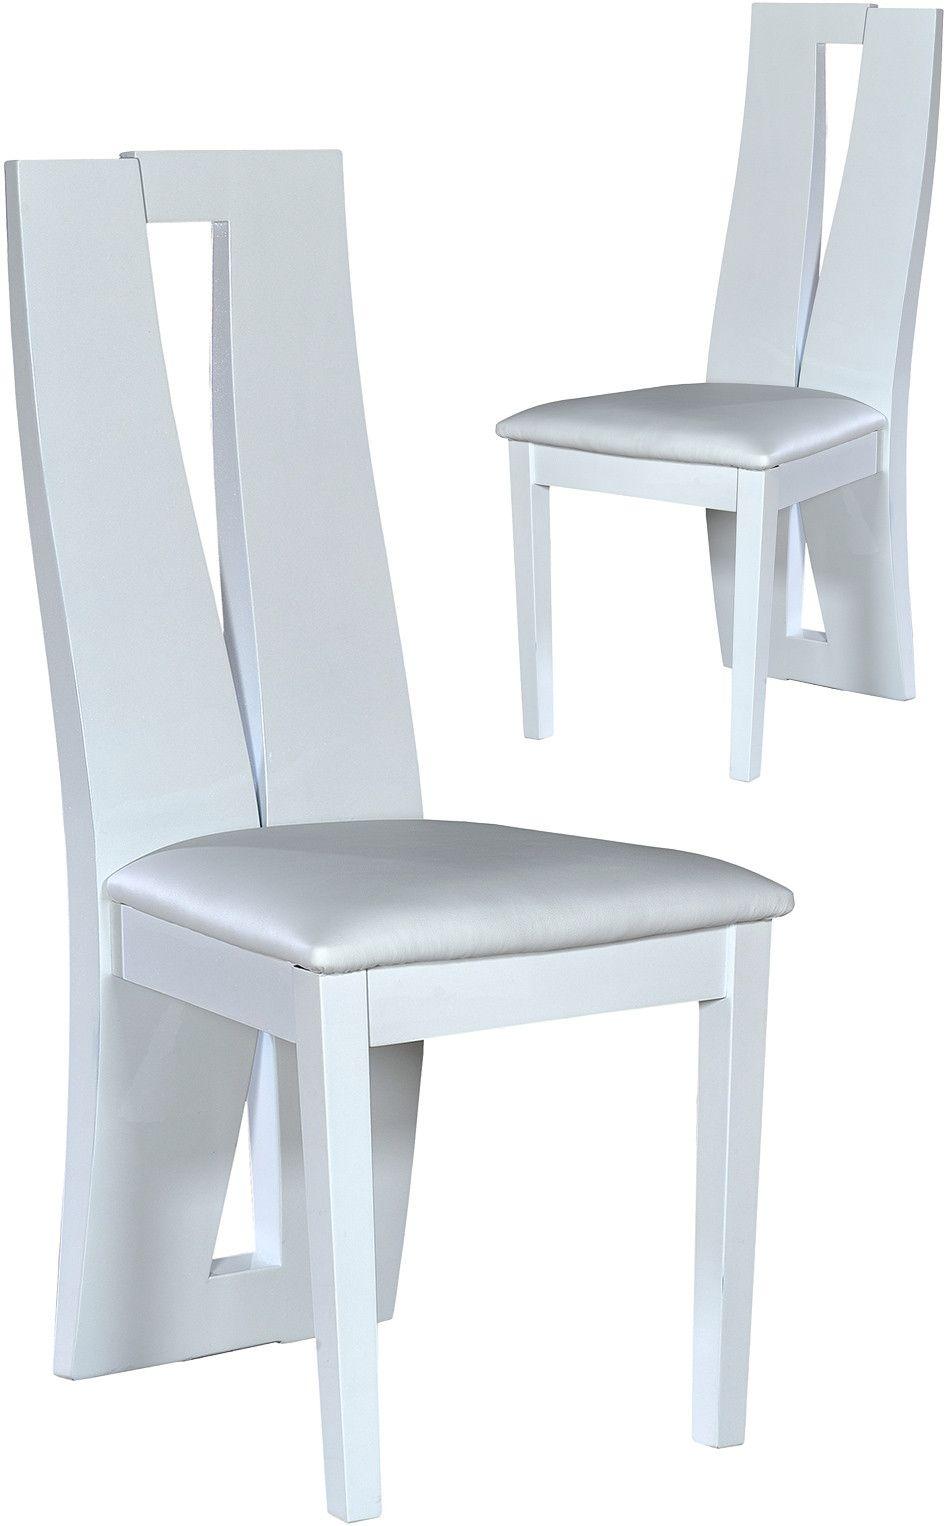 Salle A Manger Chaise Blanc Laque Comforium Meubles Appart